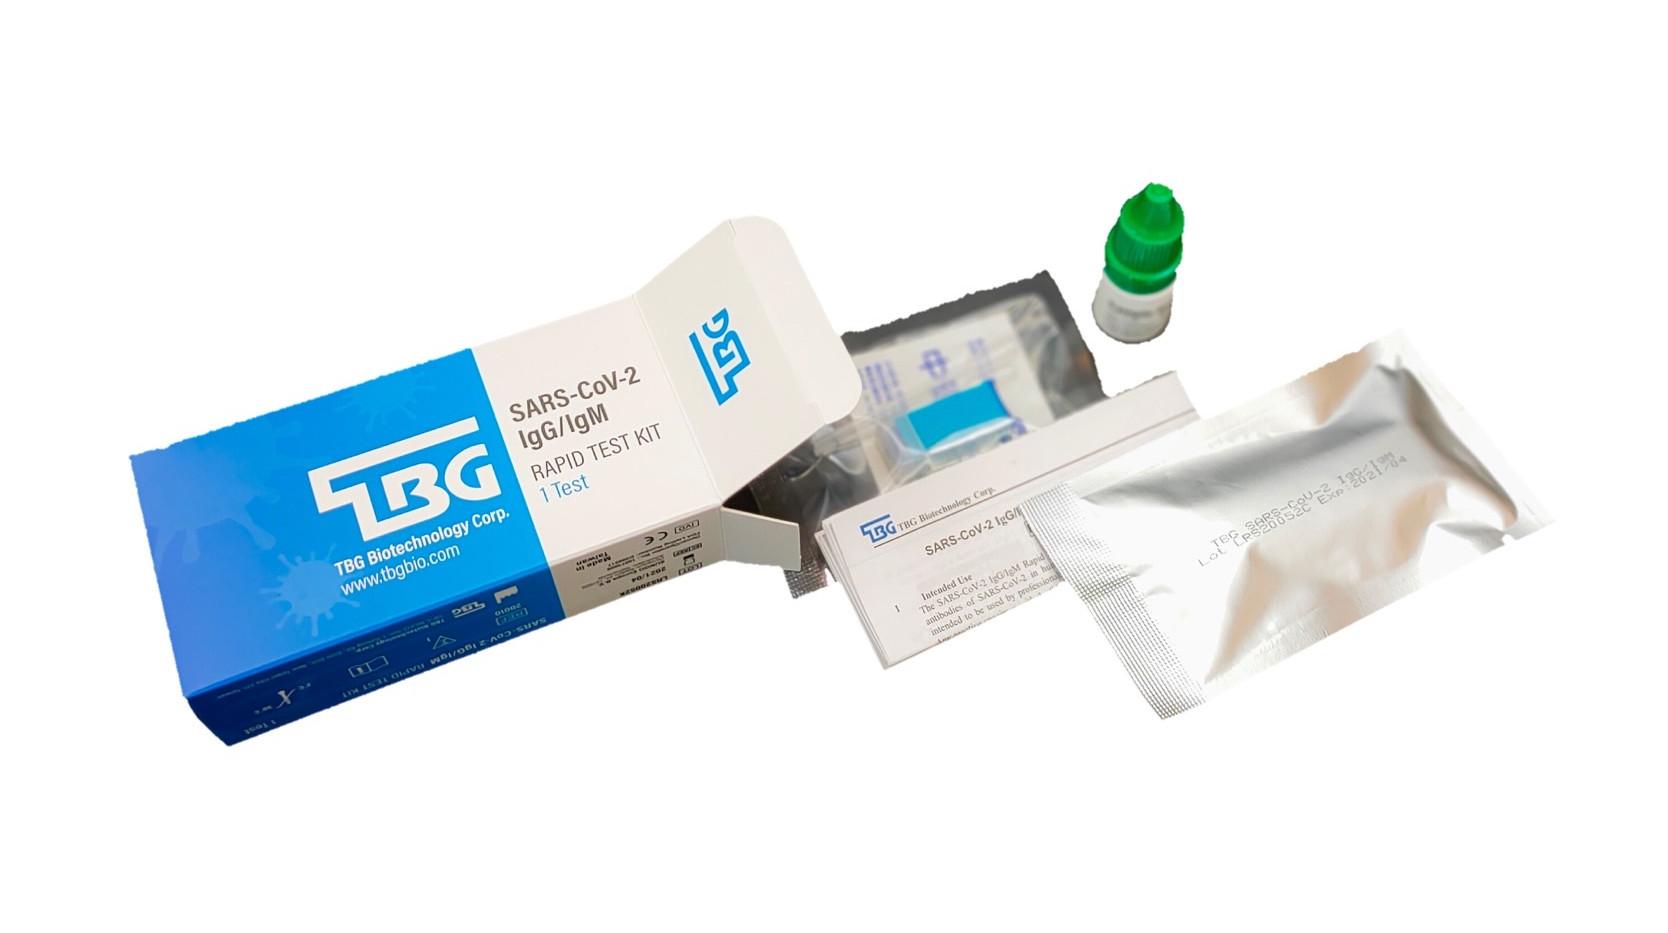 單包裝內容物.JPG